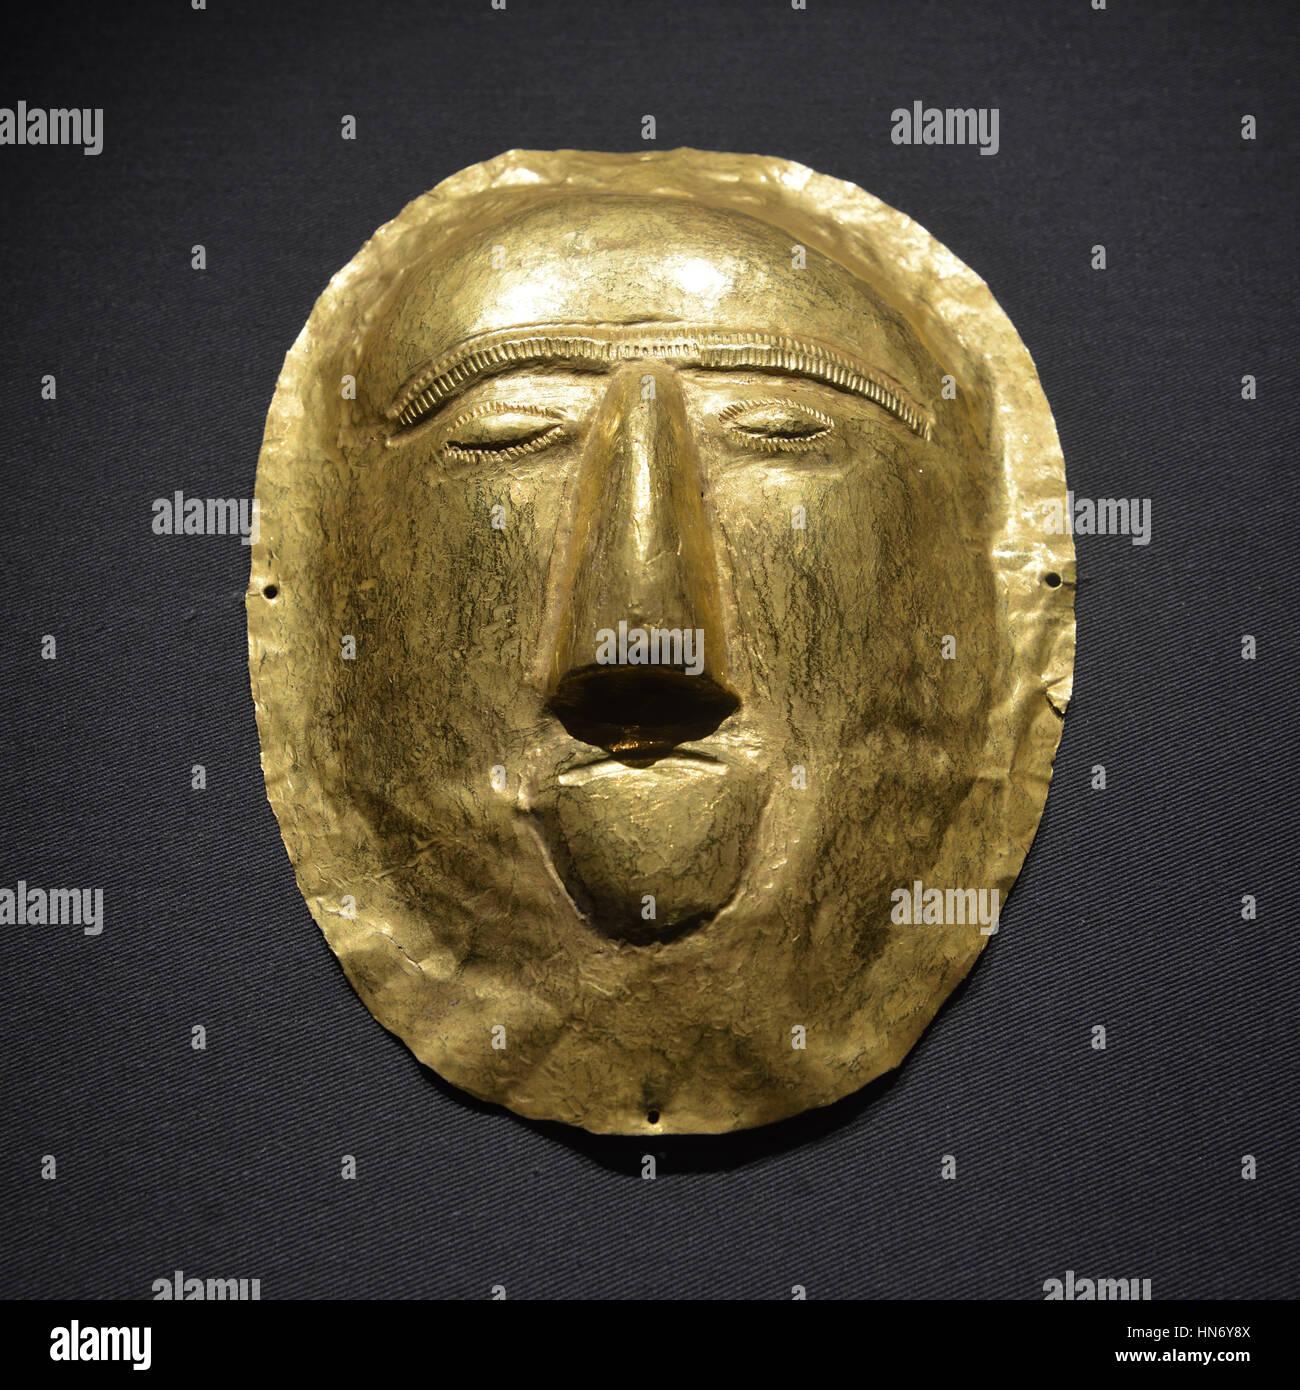 Maschera Funeraria. Thaj, Tell al-Zayer. I secolo d.c. Oro. Museo Nazionale di Riyadh. Arabia Saudita. Immagini Stock